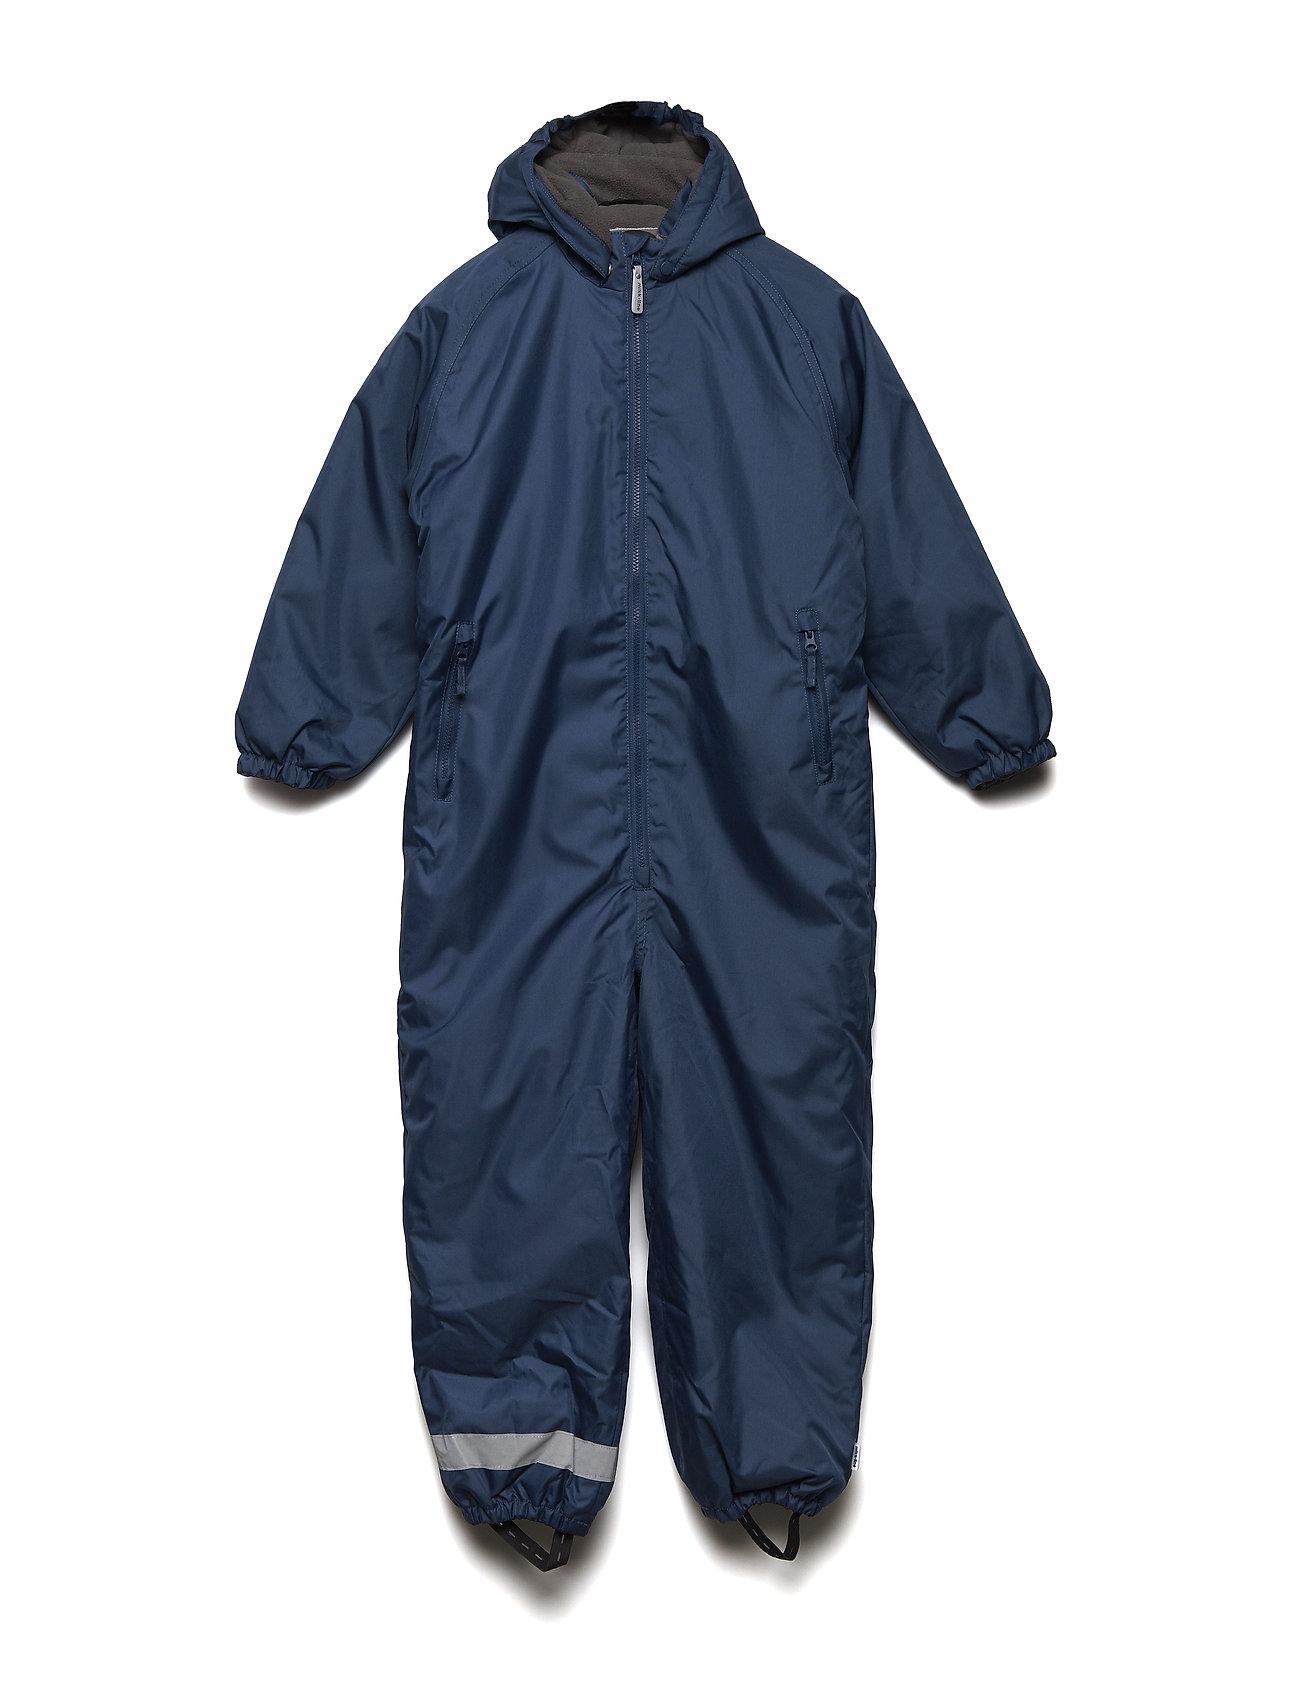 Mikk-Line WINTER suit - ENSIGN BLUE